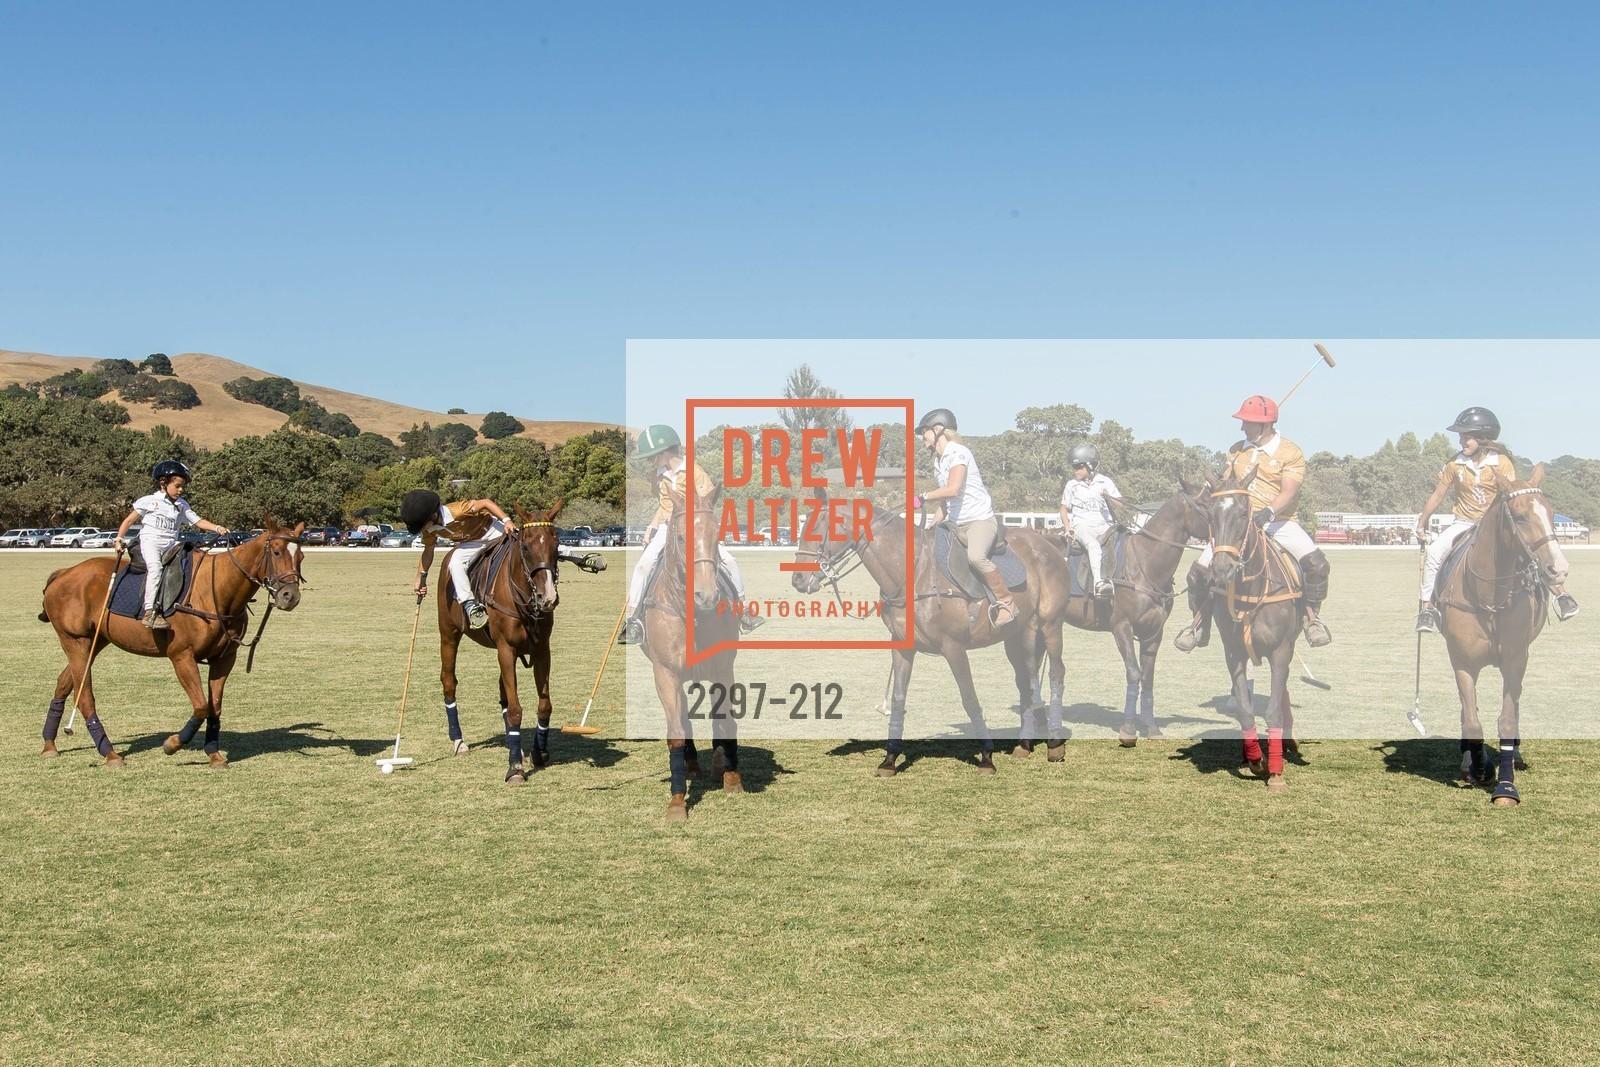 Polo Match, Photo #2297-212